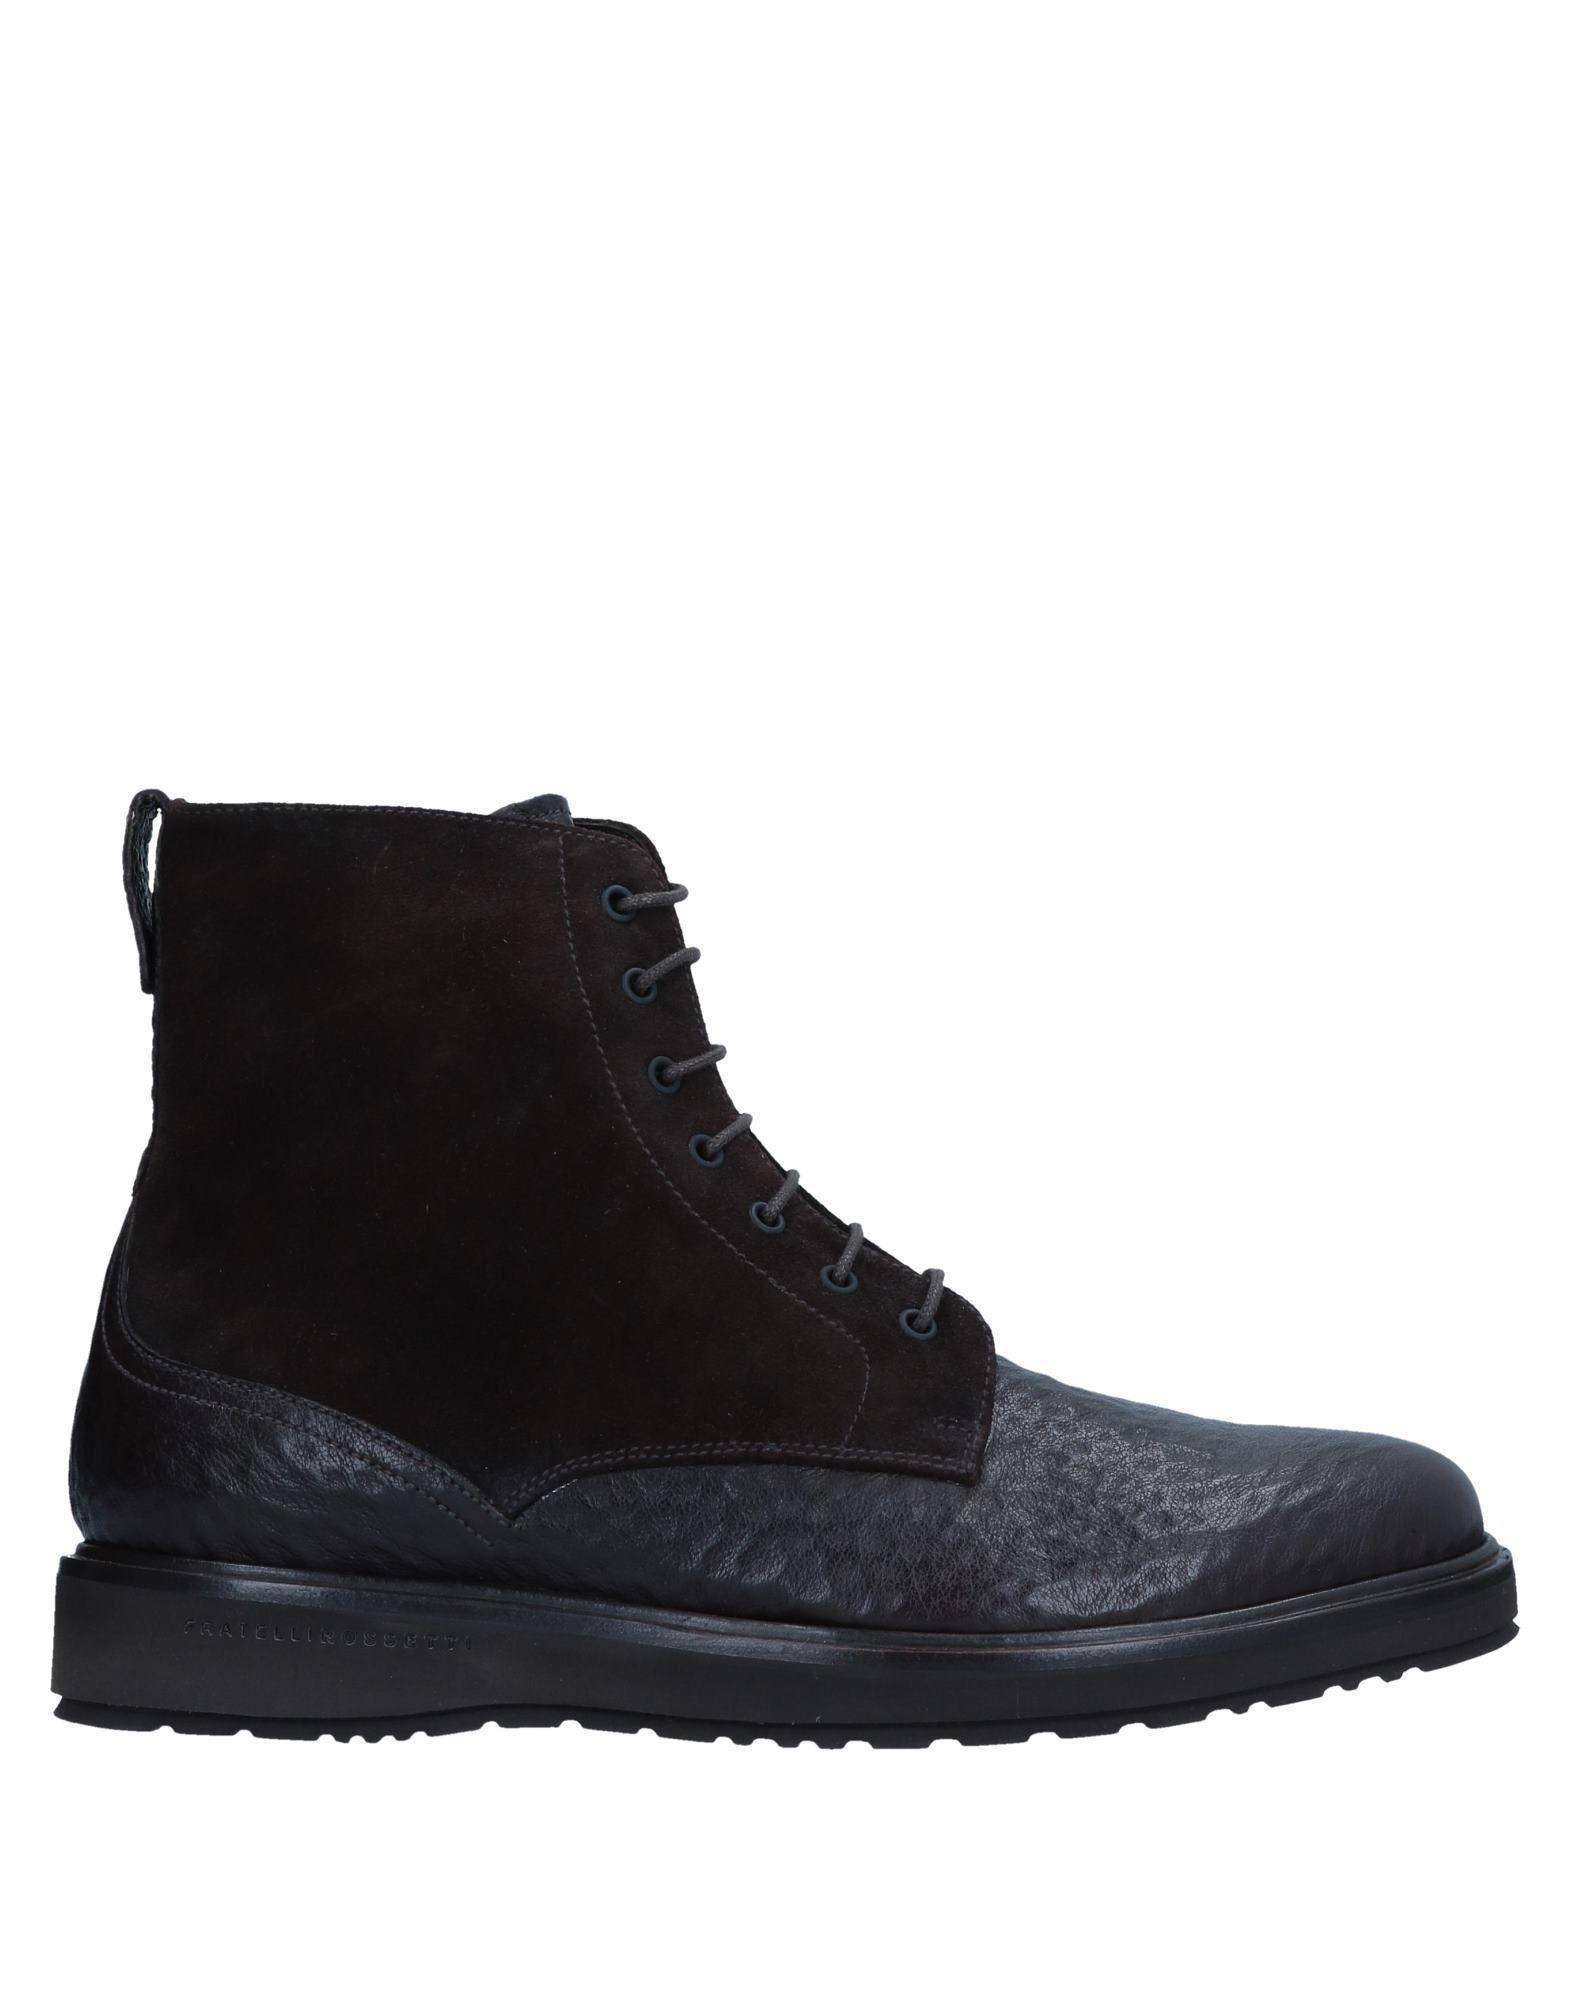 Bottine Fratelli Rossetti Homme - Bottines Fratelli Rossetti  Moka Les chaussures les plus populaires pour les hommes et les femmes